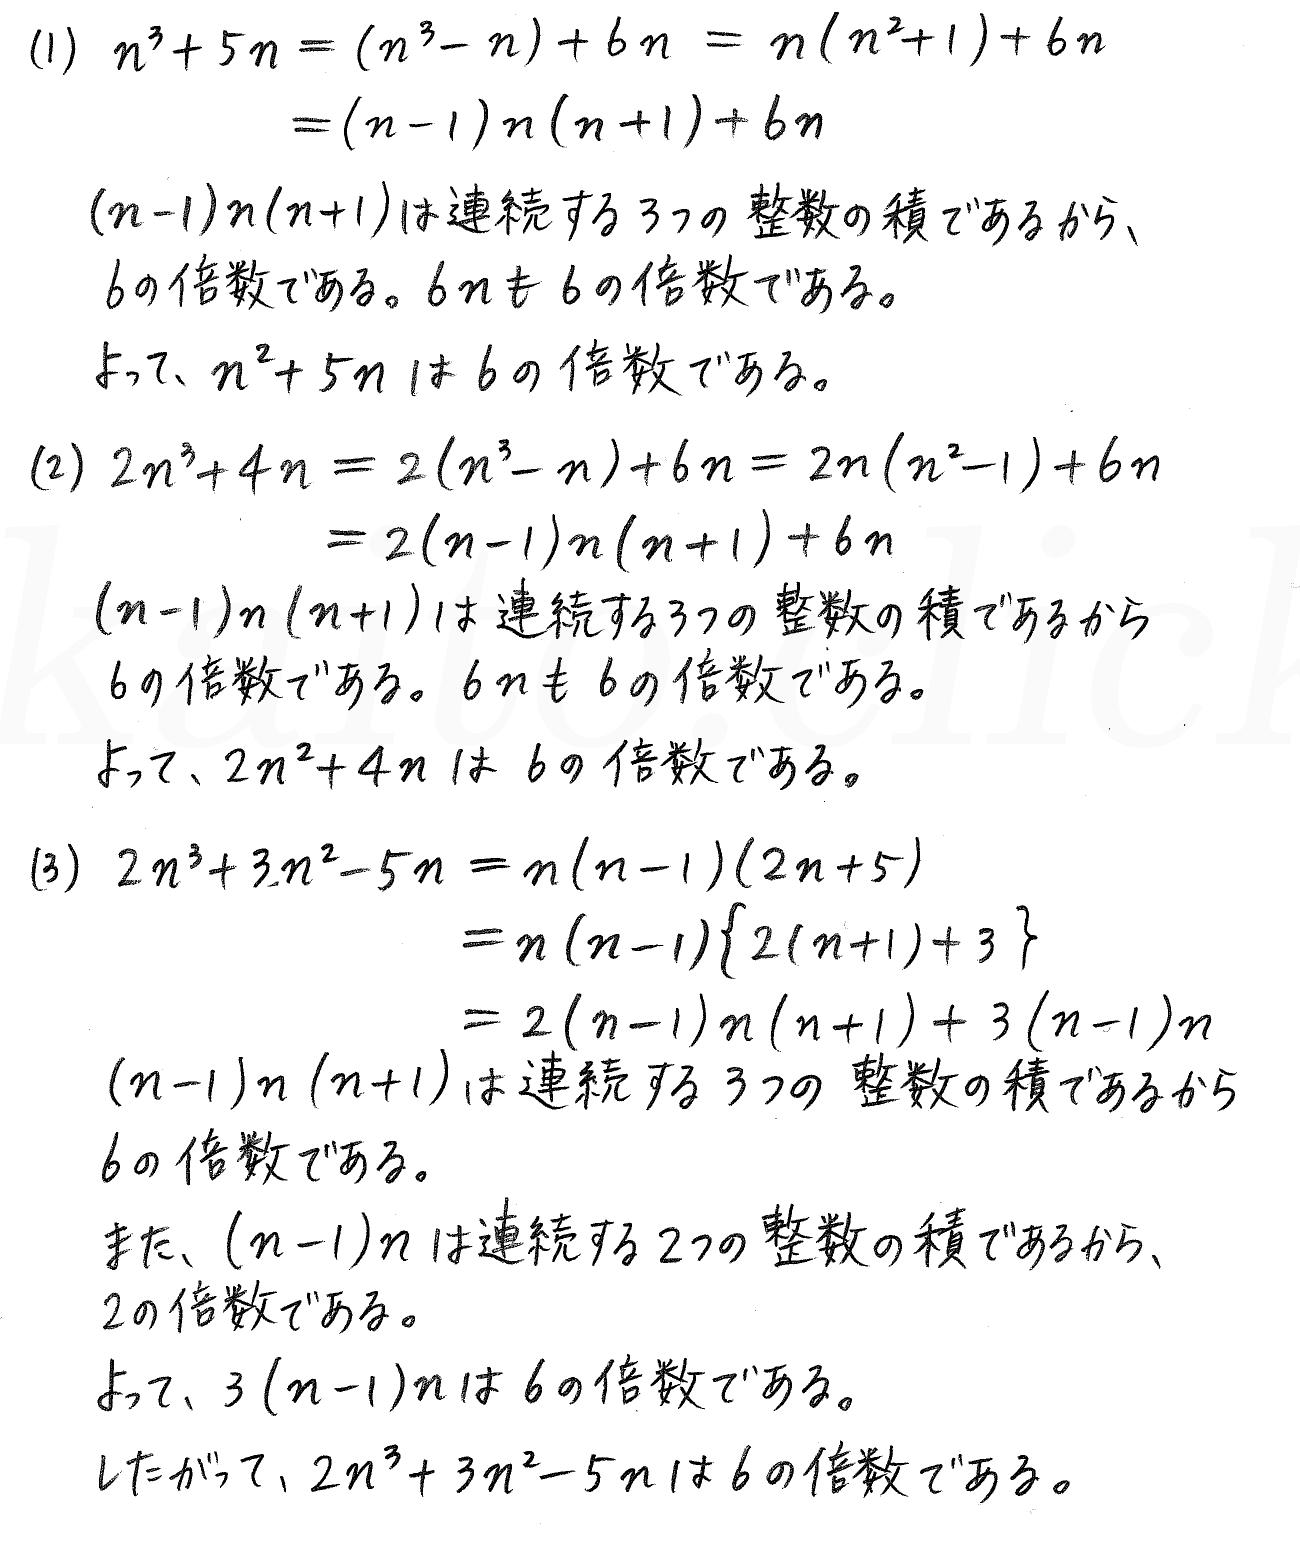 クリアー数学A-259解答